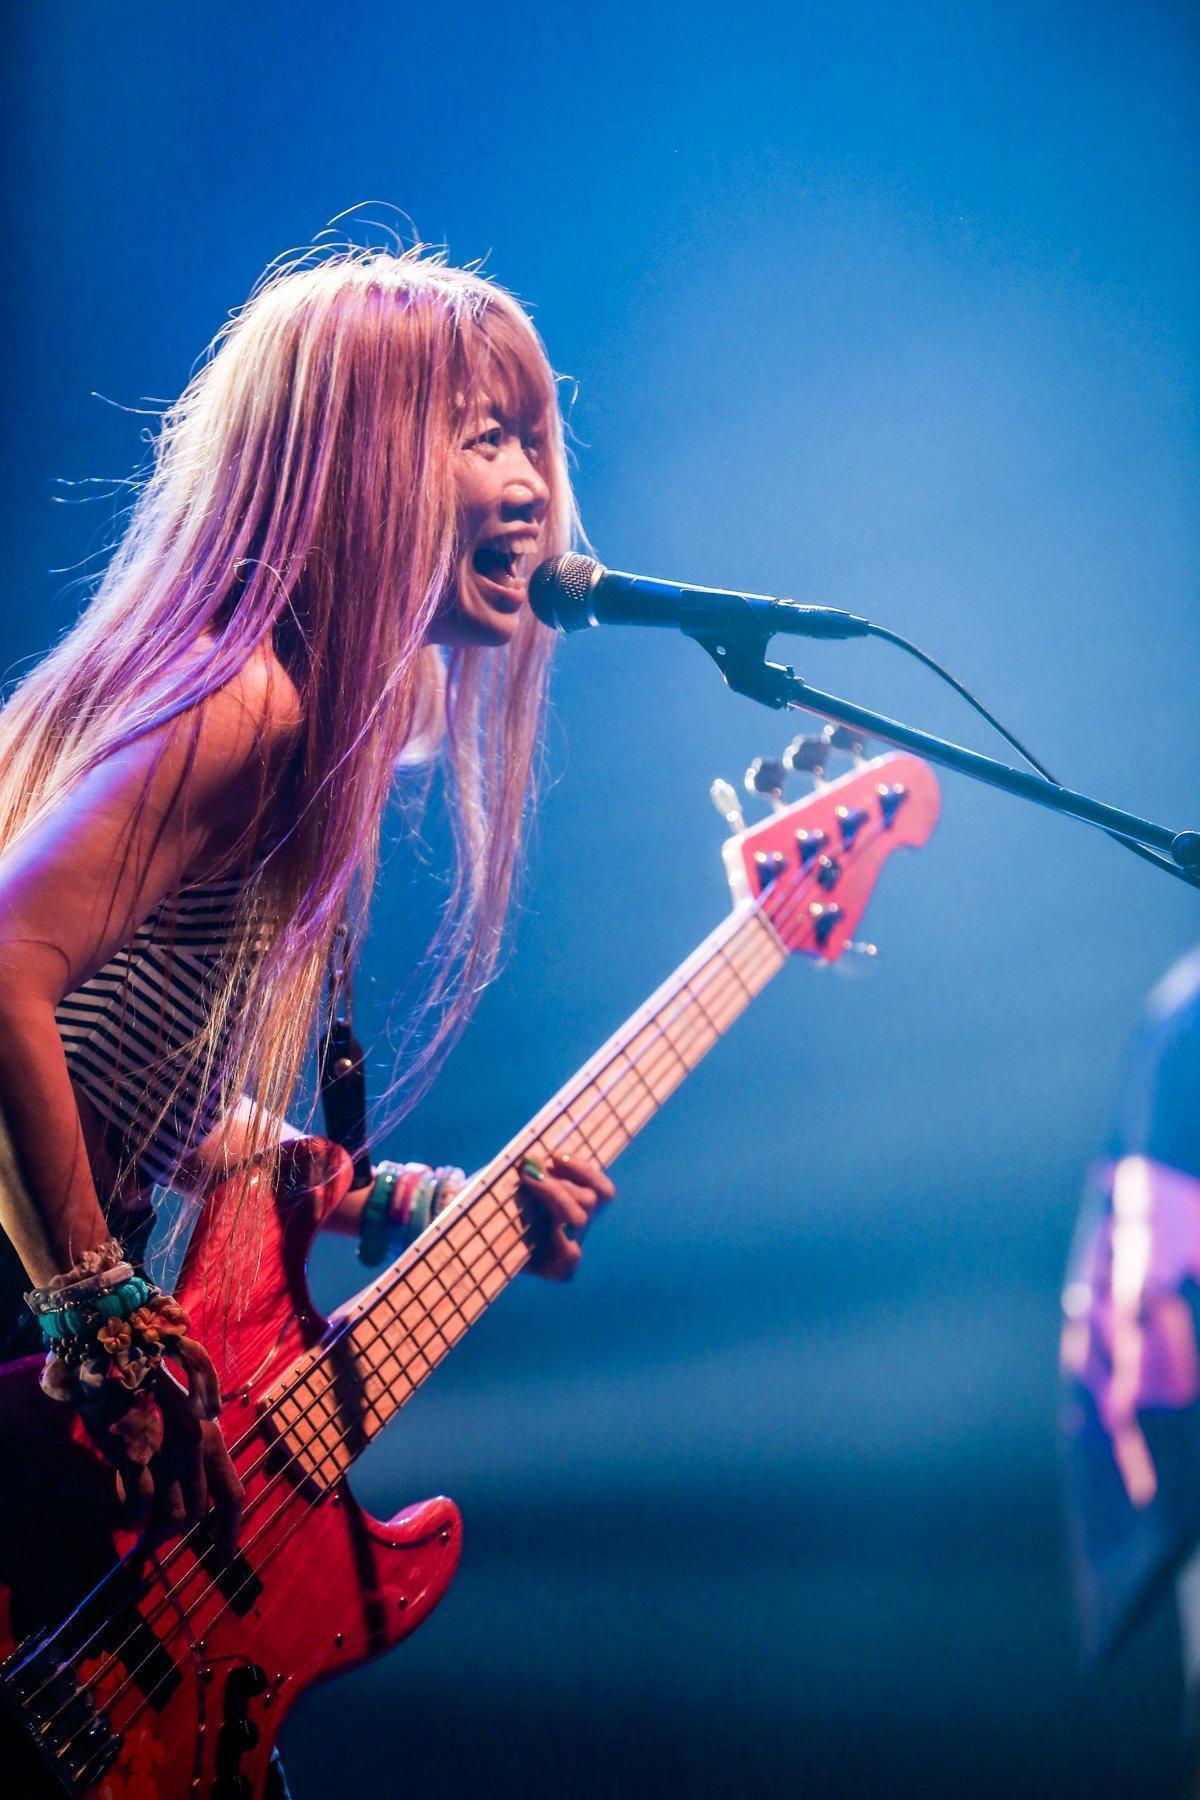 日本搖滾樂團主唱Junko已經61歲,體力外表一點也不輸年輕人。(翻攝自Twitter @junkosunset)